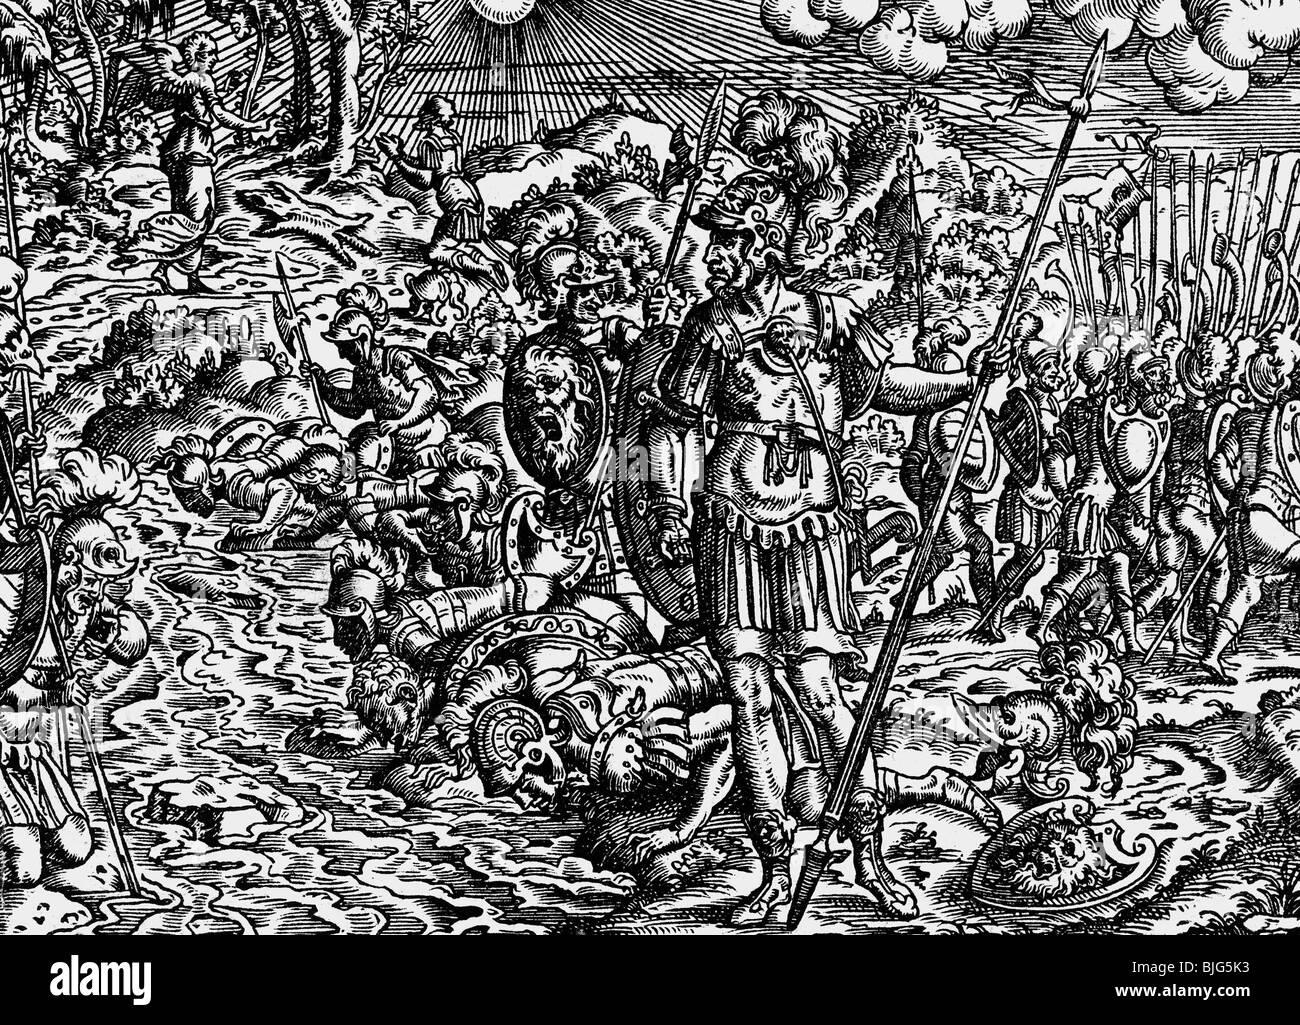 Belle arti, Amman, Jost (1539-1591), xilografia, 15.5 cm x 11 cm, illustrazione della Bibbia stampata da Sigmund Immagini Stock